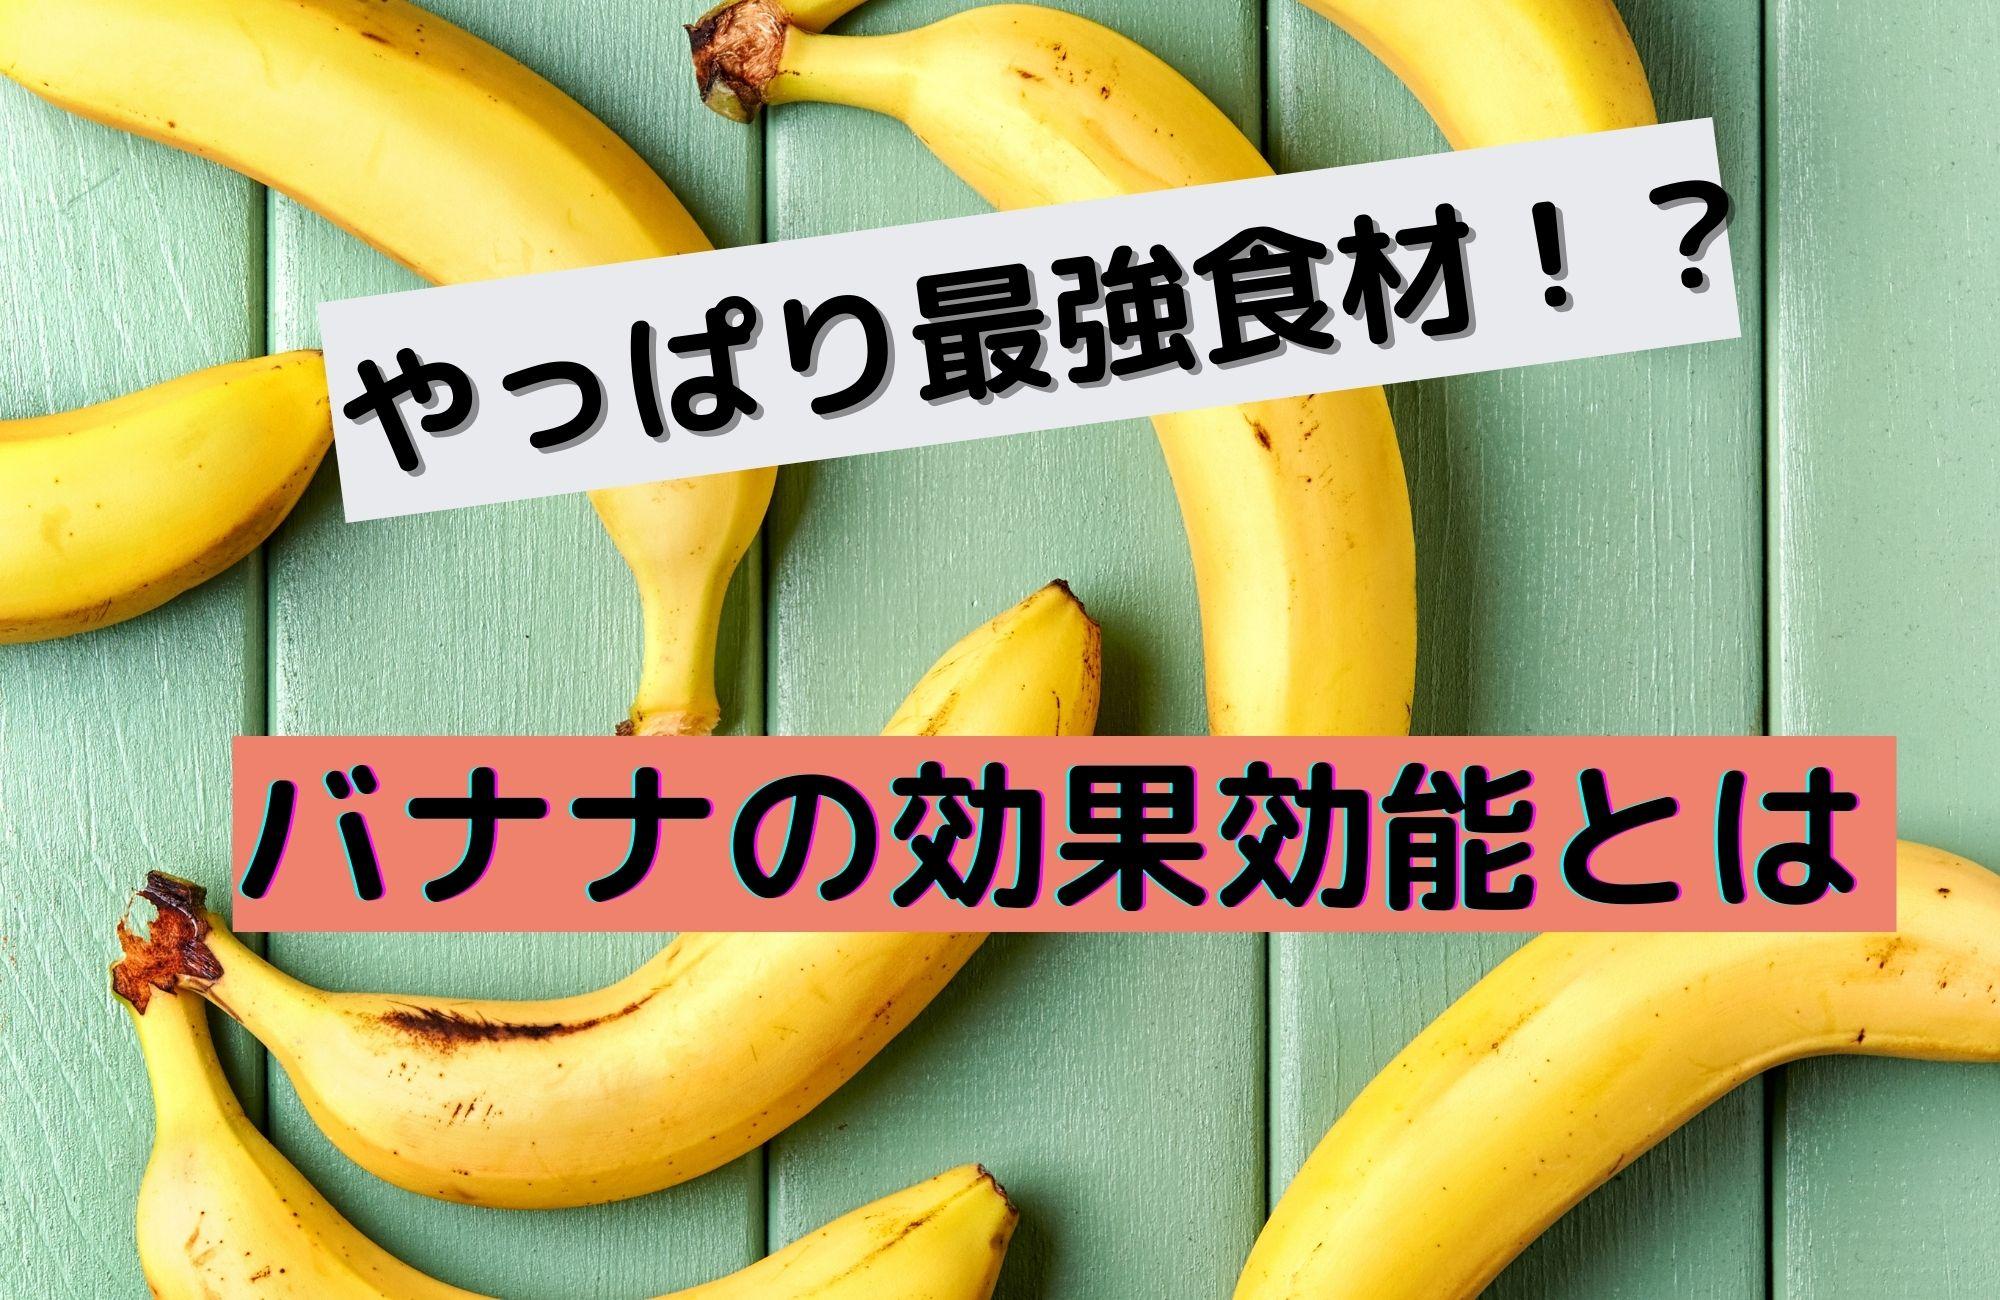 まだまだある!? バナナの驚くべき効能